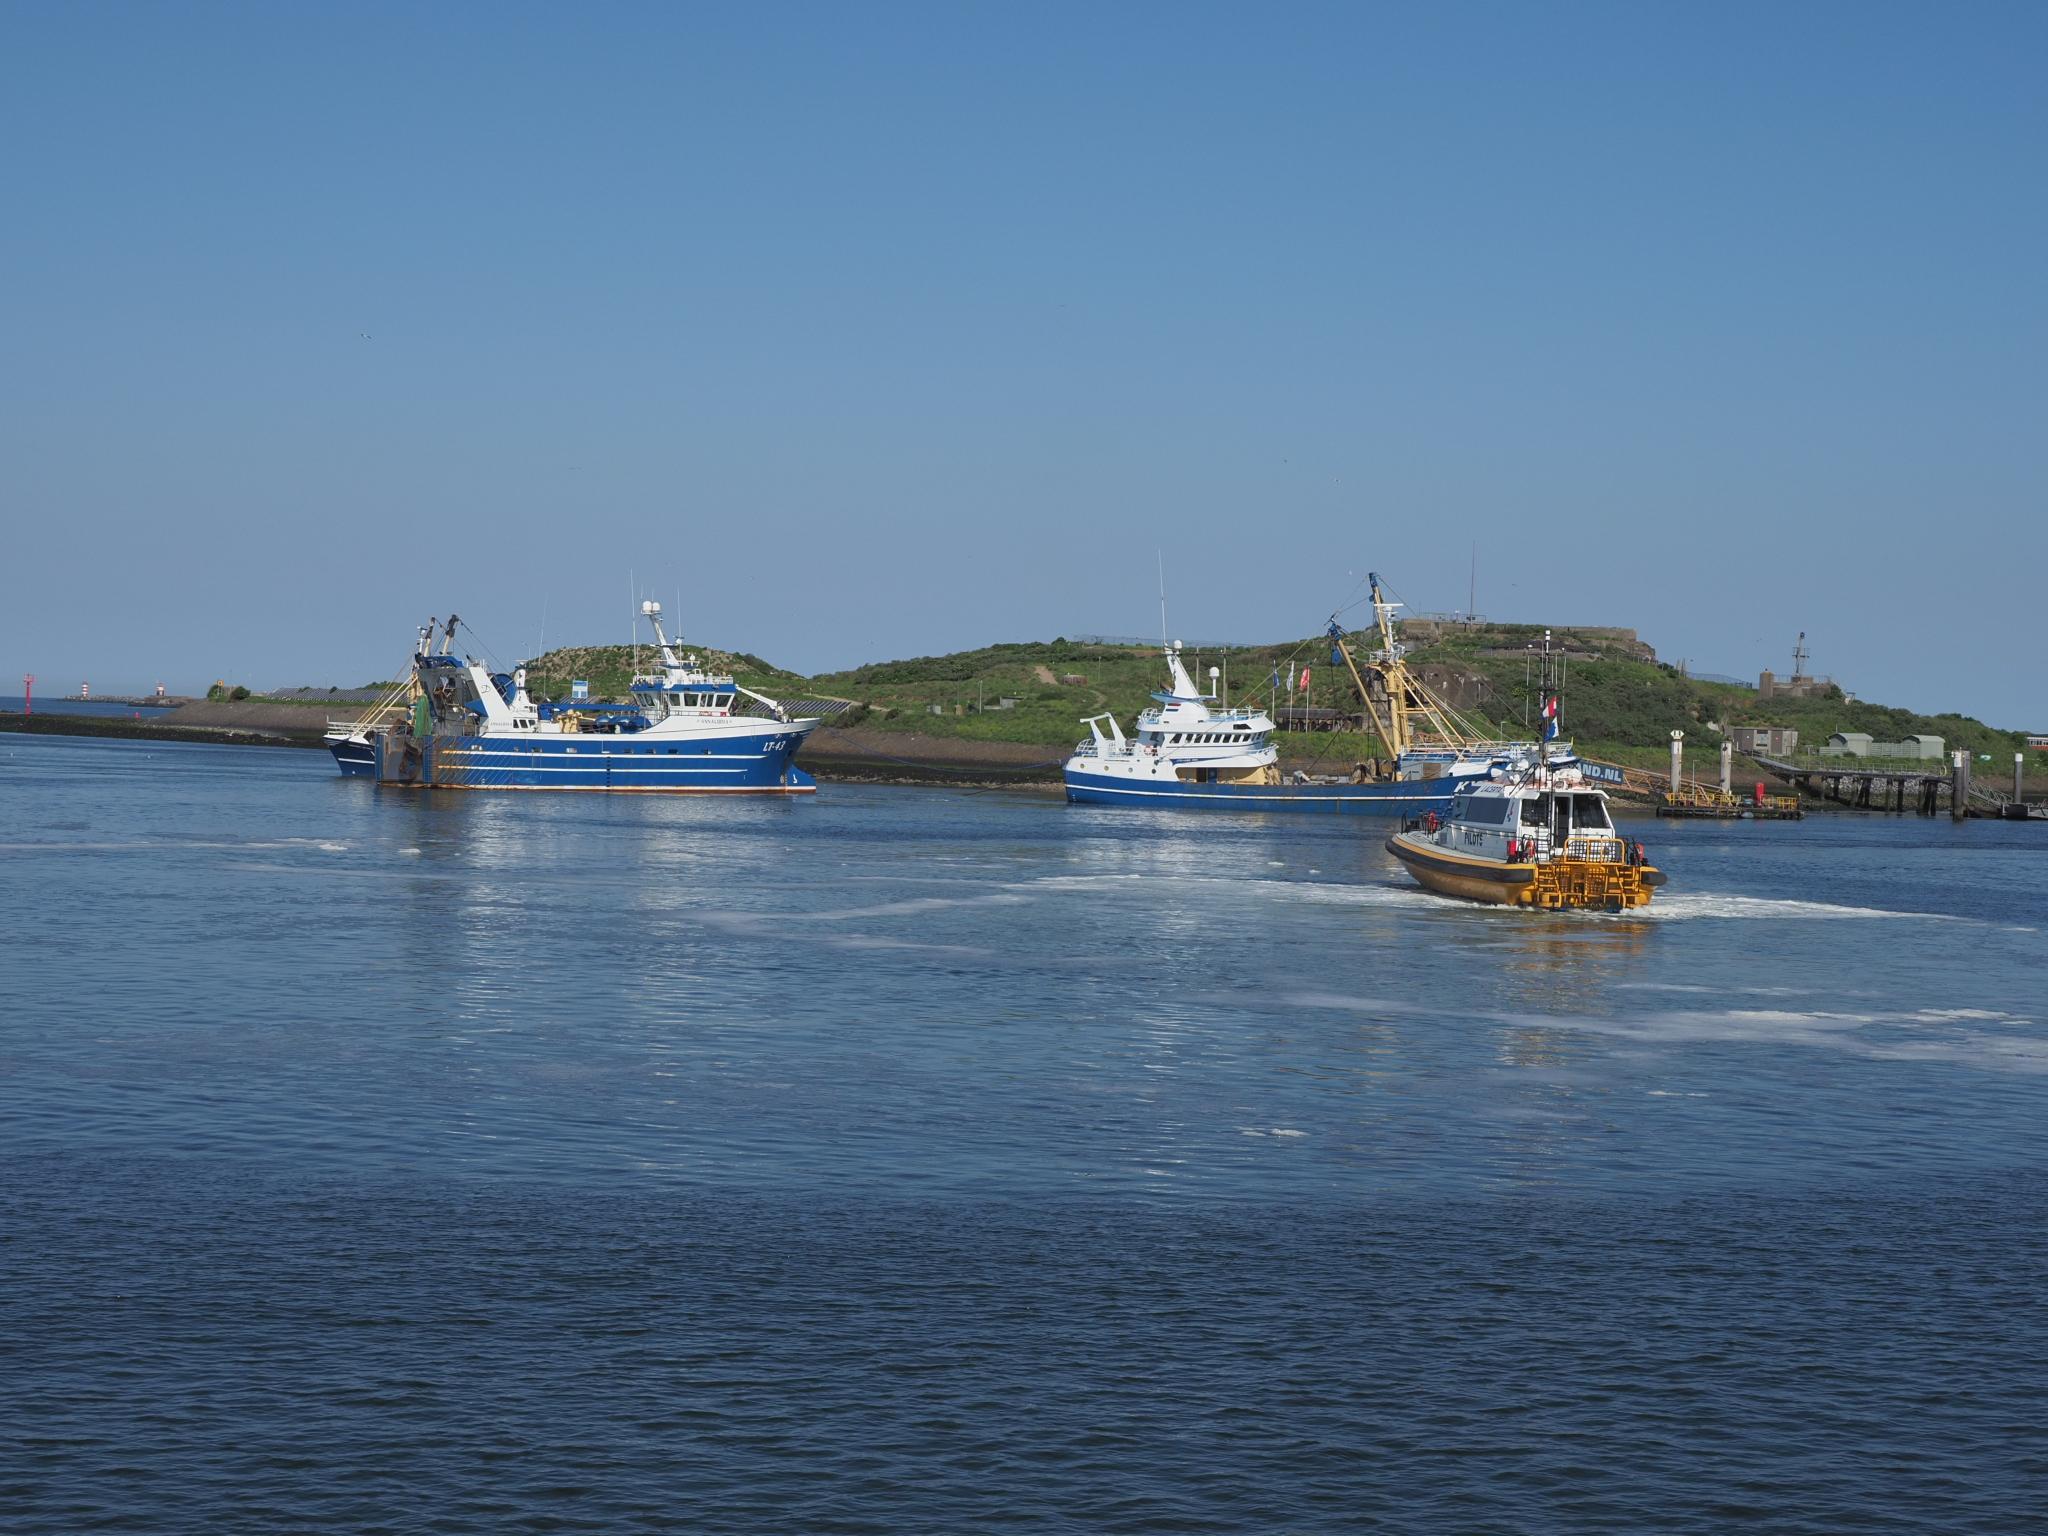 Kotter KW14 vastgelopen op Forteiland, collega-visser trekt het vissersschip uren later los